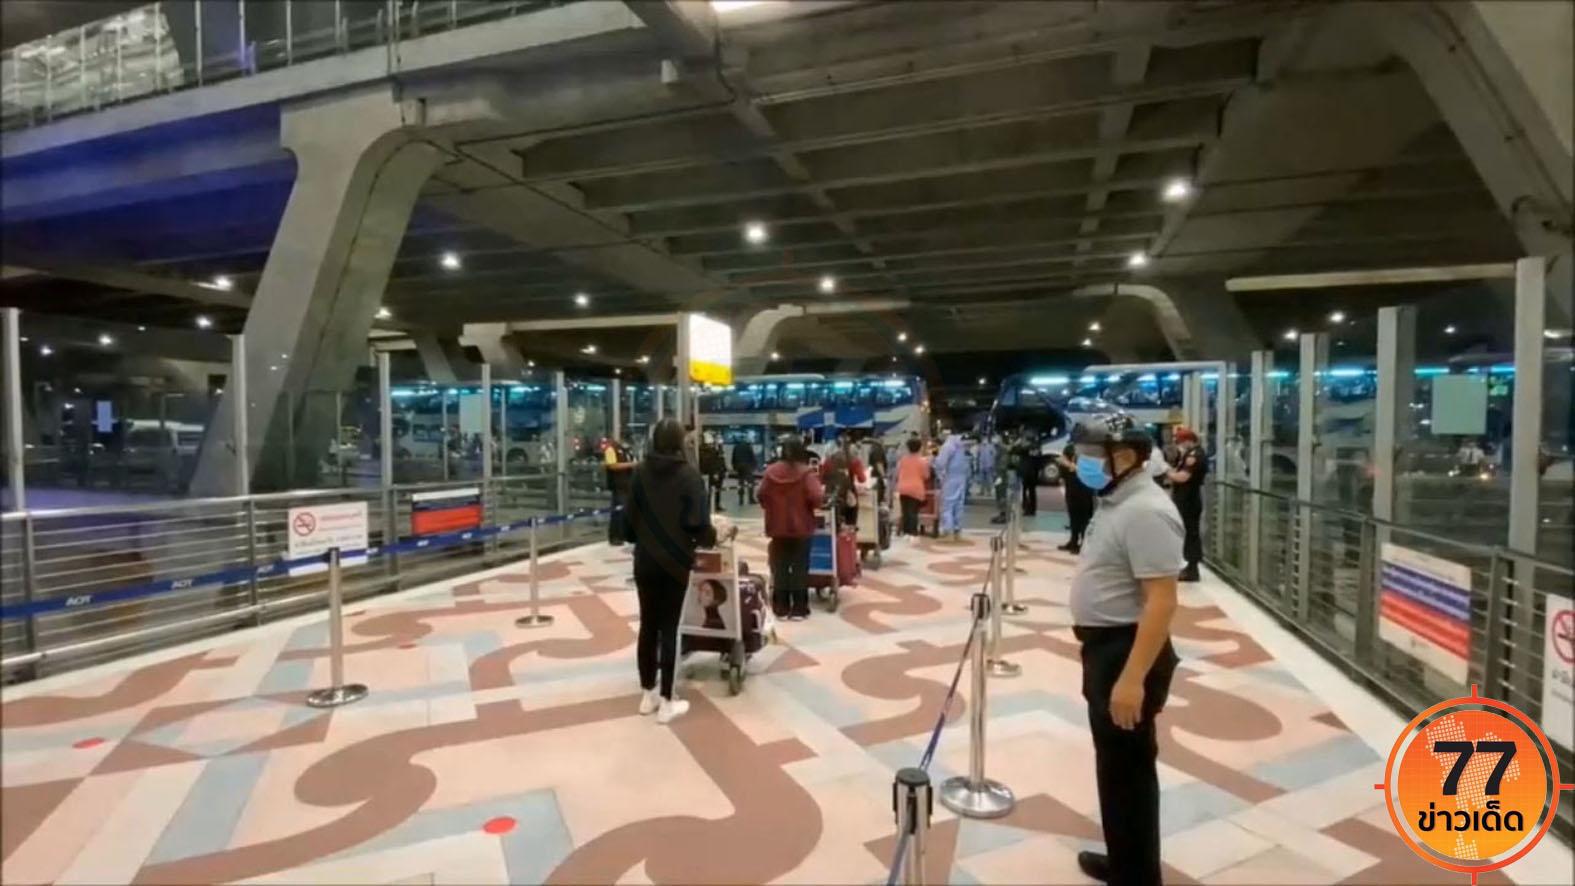 สี่นักกอล์ฟไทย กลับถึงไทยแล้ว พร้อมกักตัว 14 วันตามมาตรการรัฐ